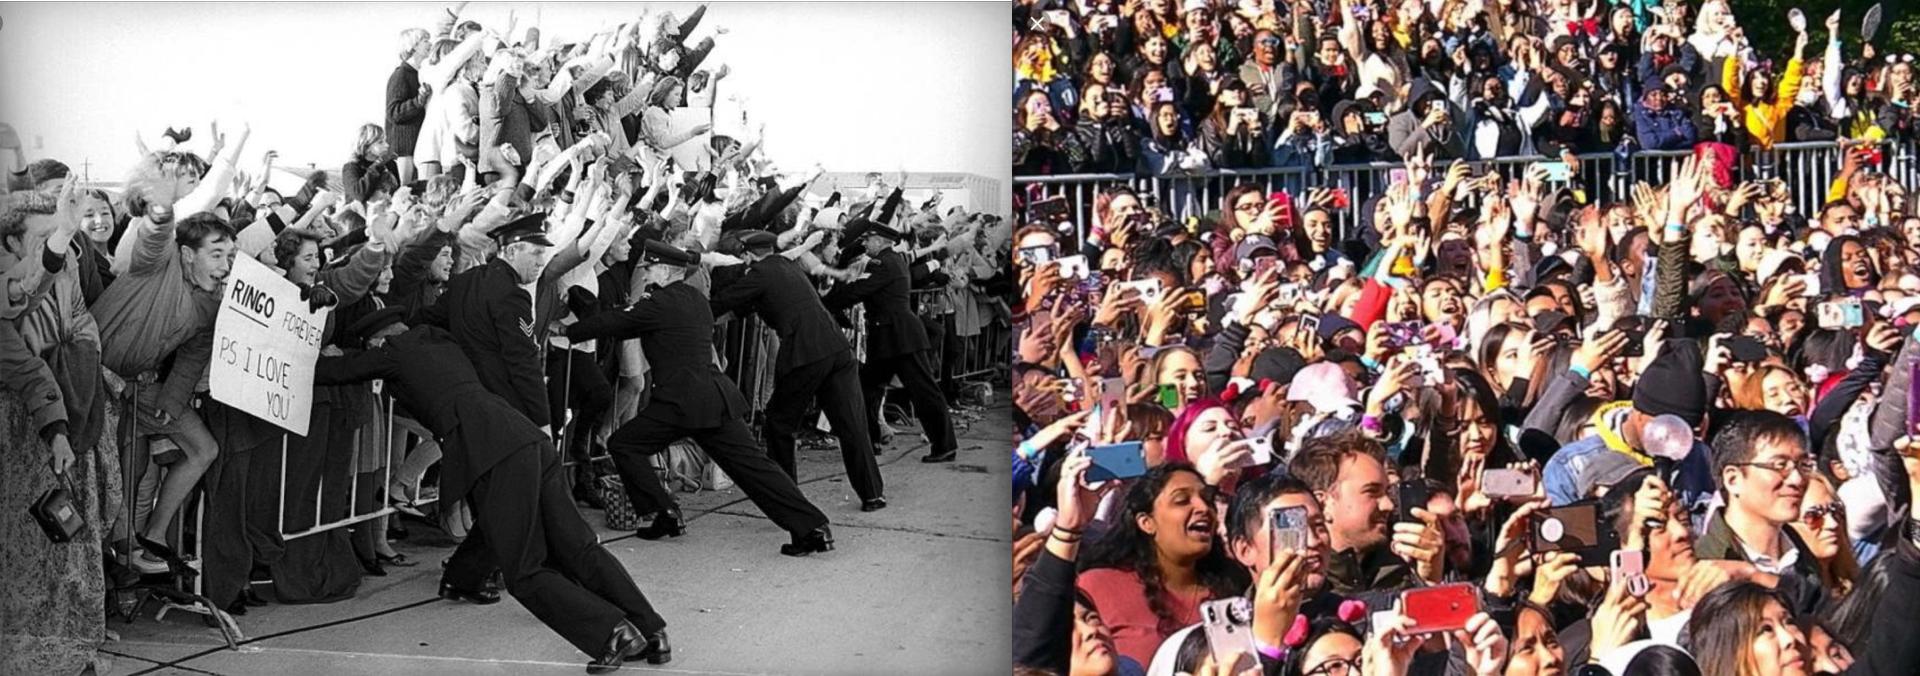 두 손을 들고 있는 20세기 비틀스 팬인 Beatlemania : 스마트폰, 공식 야광봉을 동시에 들고 있는 21세기 BTS 팬인 ARMY